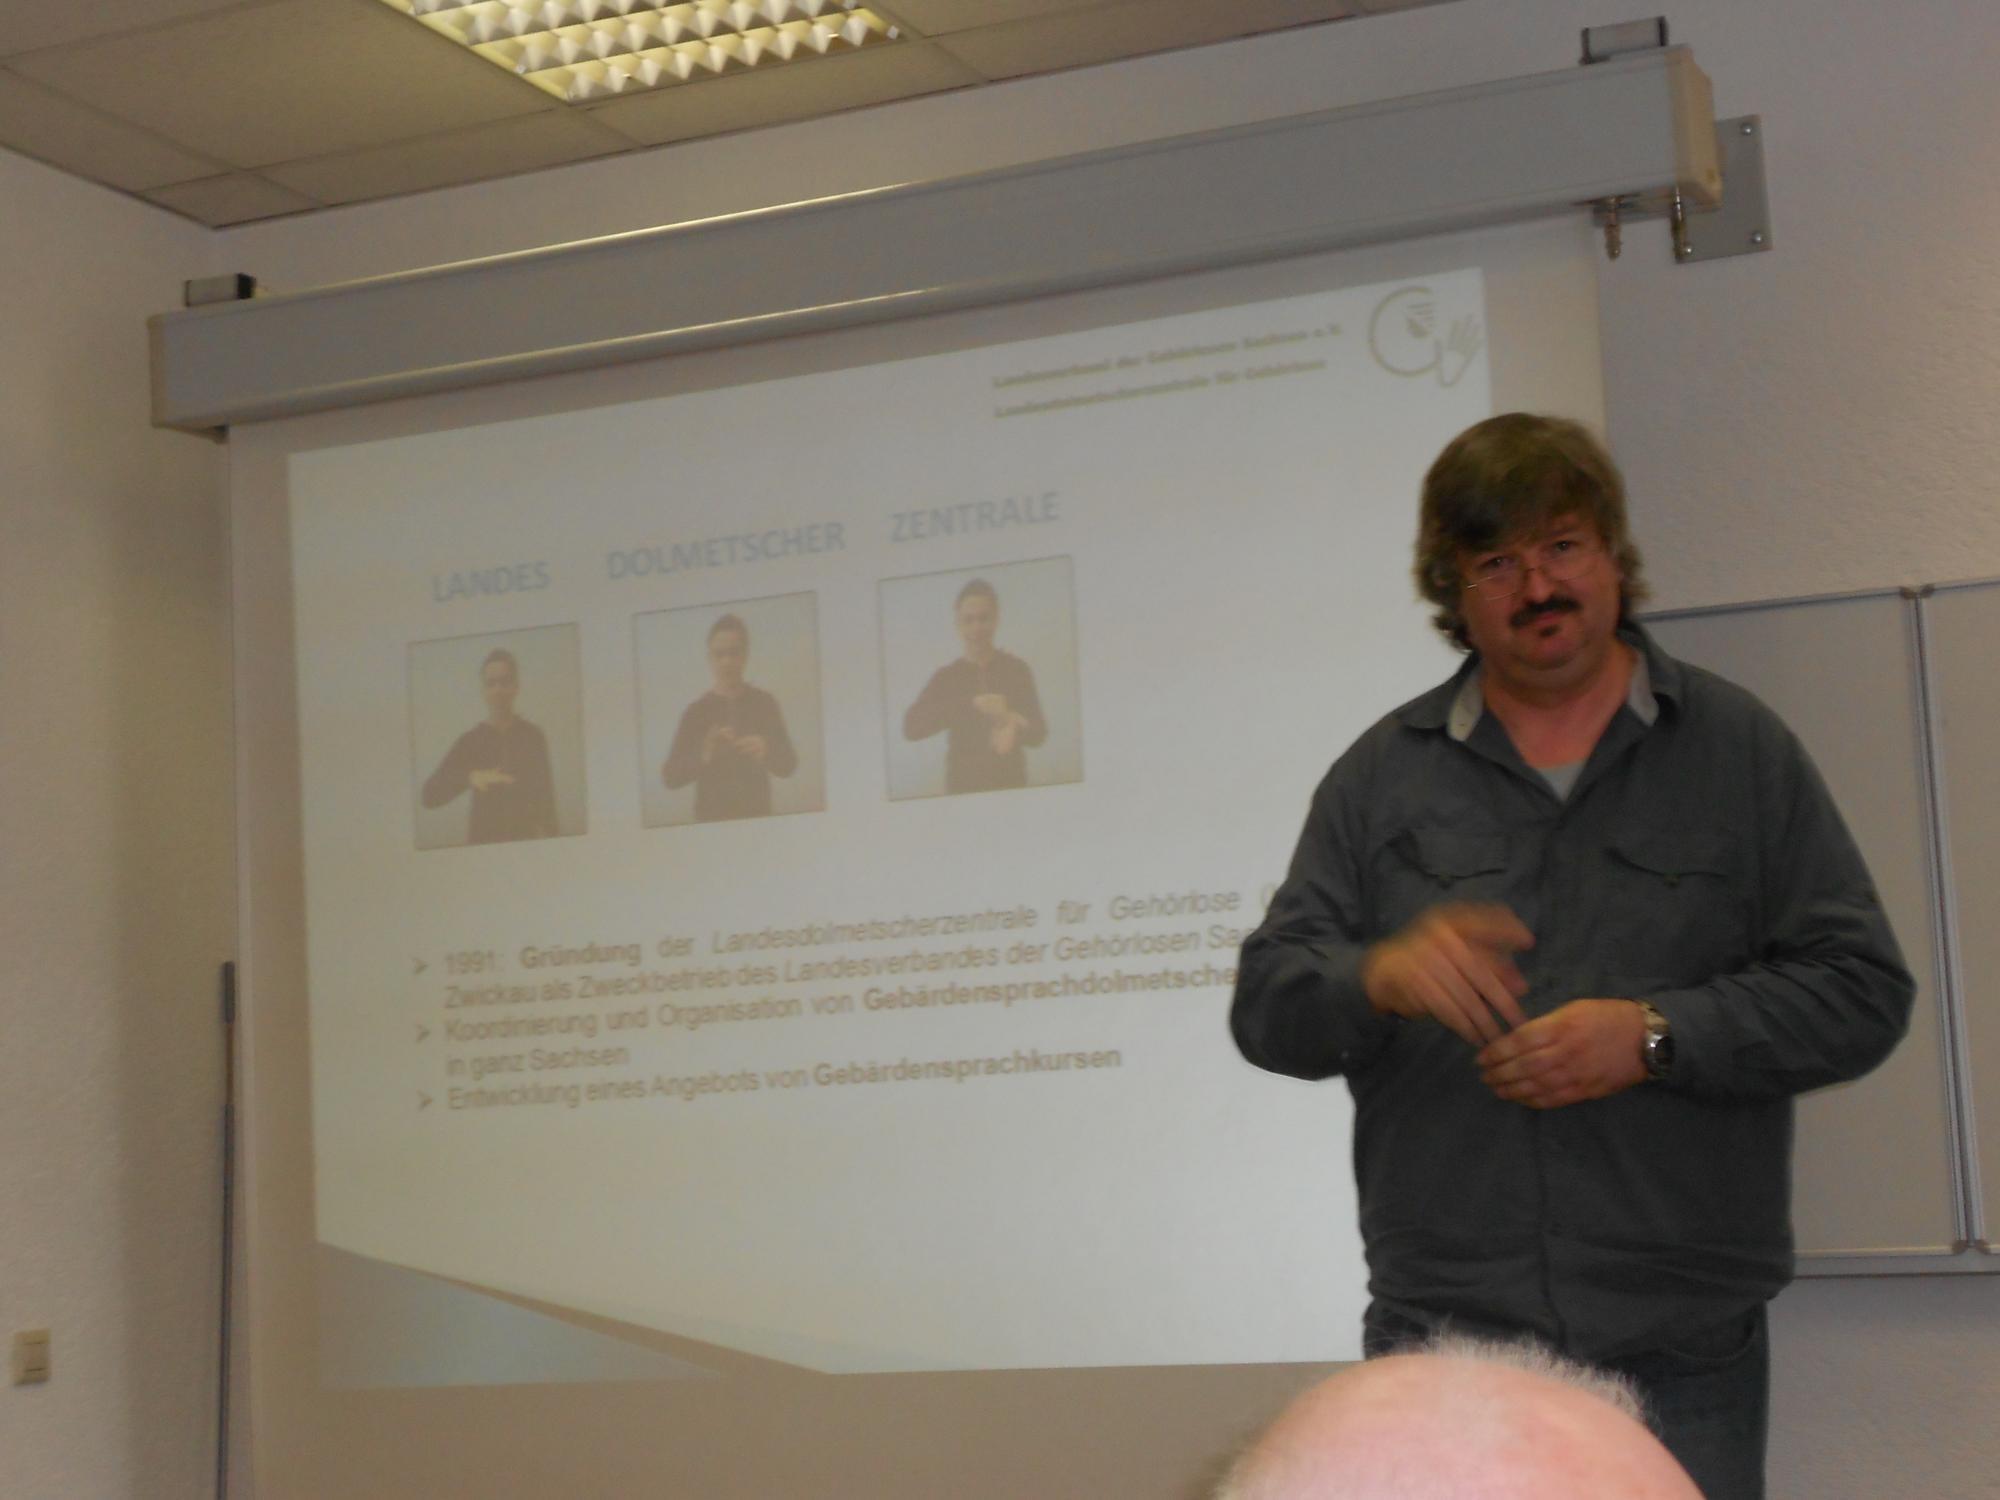 Herr Krieger (Dozent für Gebärdensprache) stellte die Landesdolmetscherzentrale vor